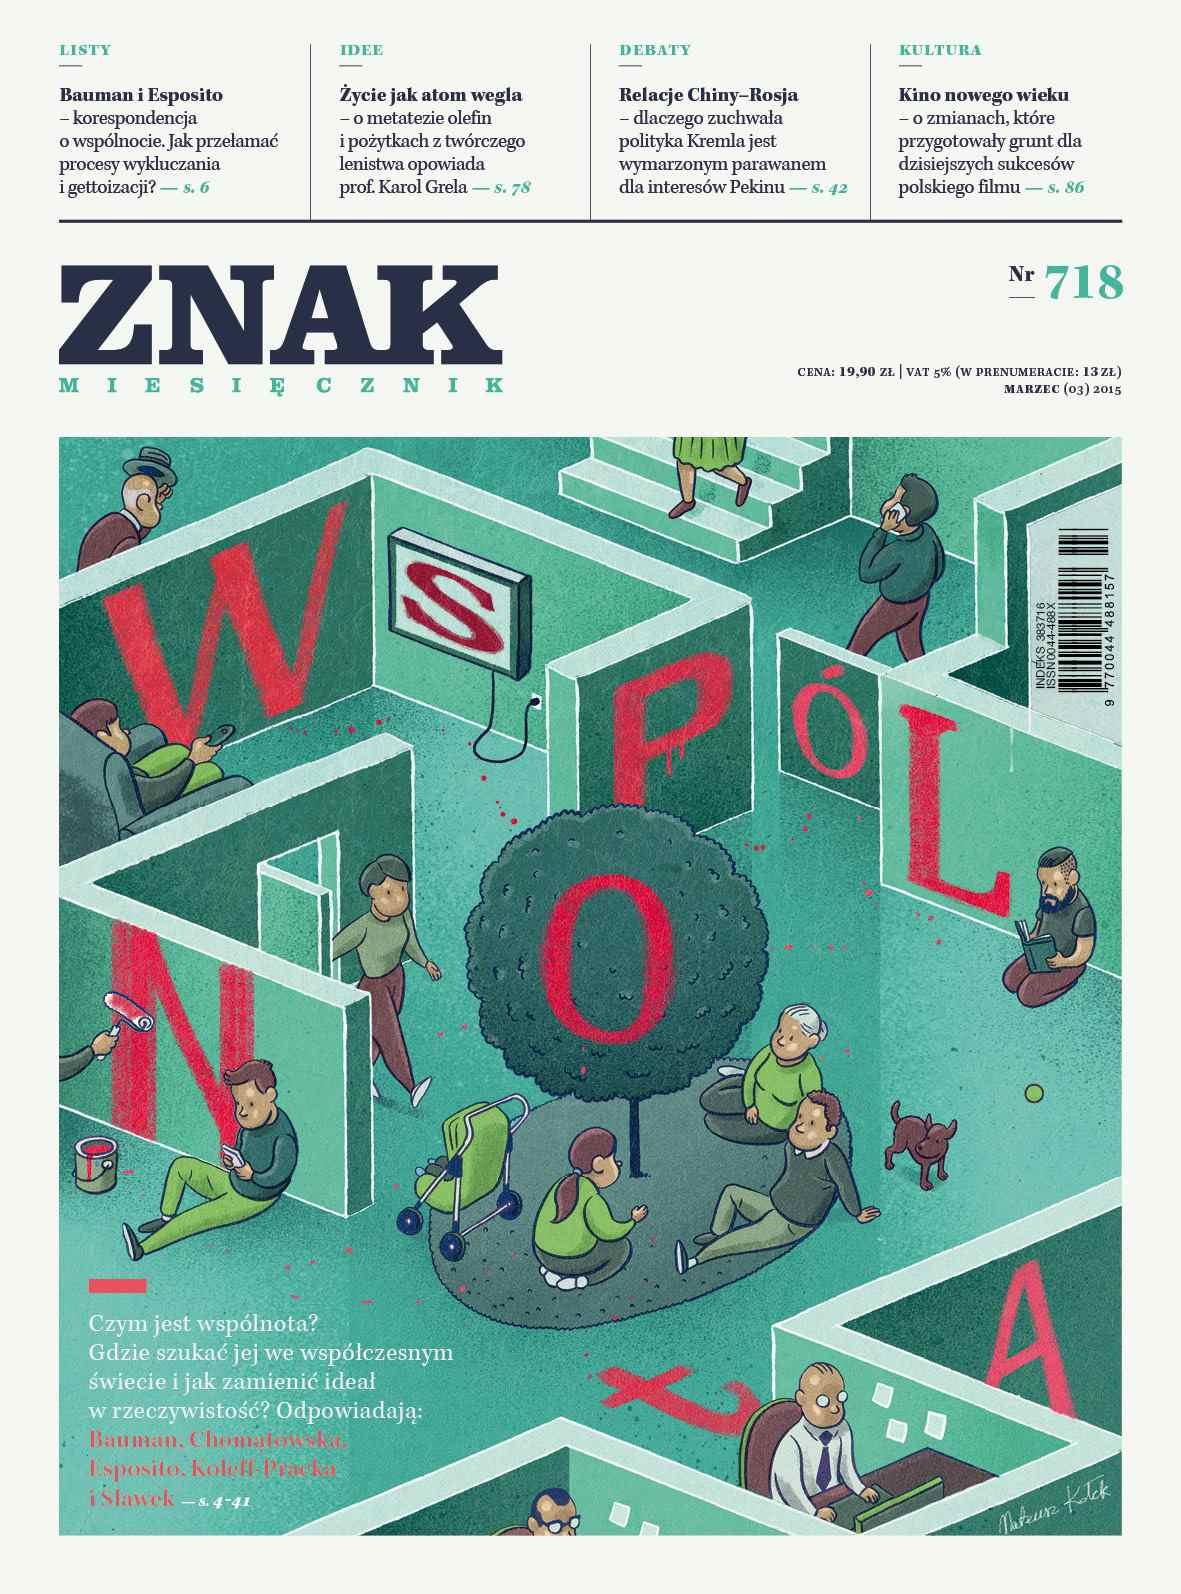 Miesięcznik Znak. Marzec 2015 - Ebook (Książka na Kindle) do pobrania w formacie MOBI